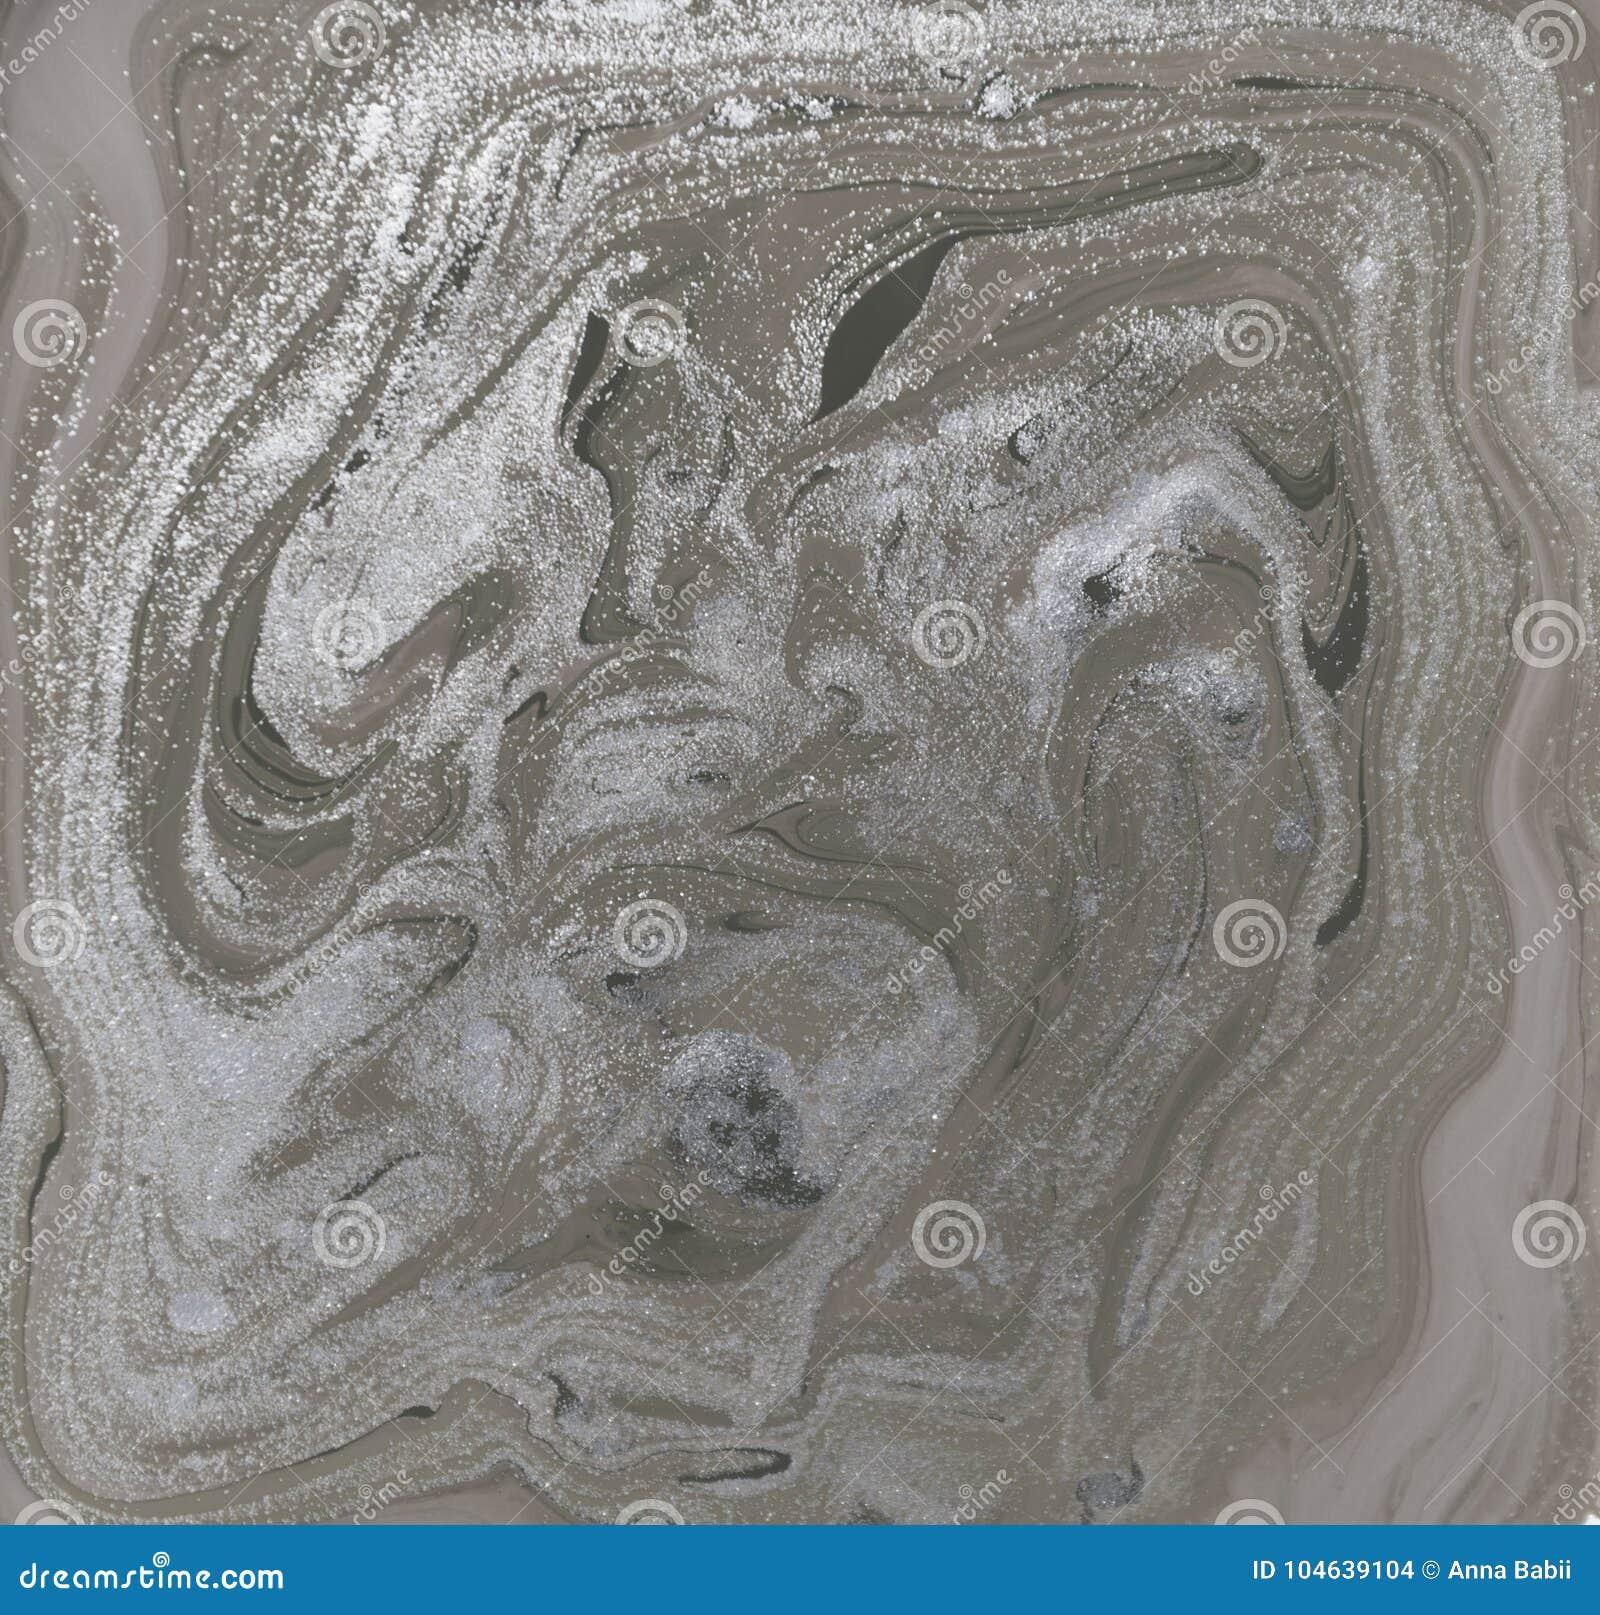 Download Vloeibaar Goud Marmerpatroon Bleke Beige Achtergrond Stock Foto - Afbeelding bestaande uit patroon, mengeling: 104639104